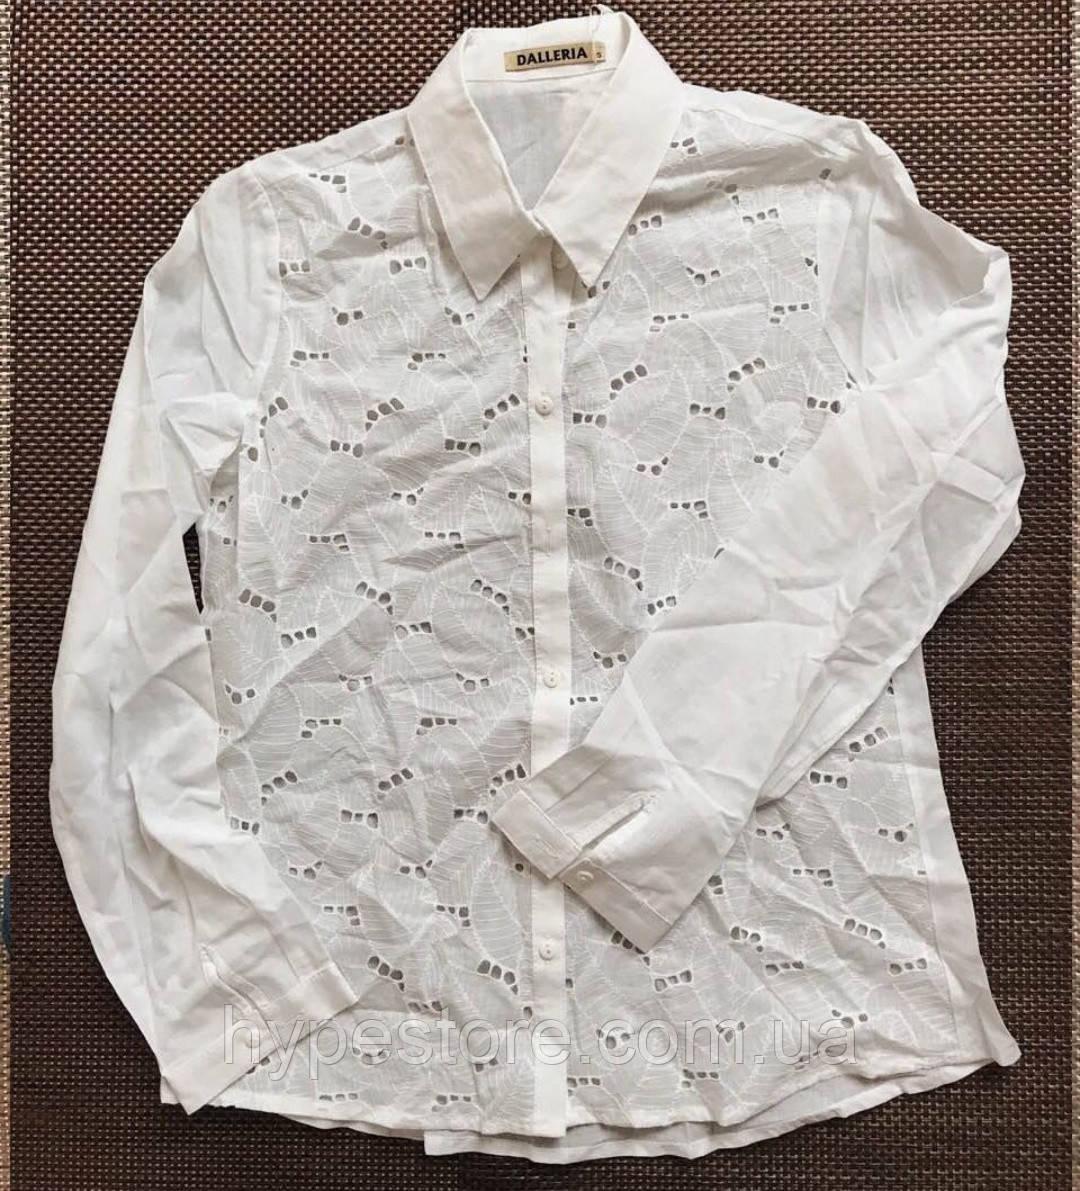 Нежная легкая белая женская блузка рубашка с вставками из прошвы,100% коттон,см. замеры в описании!!!